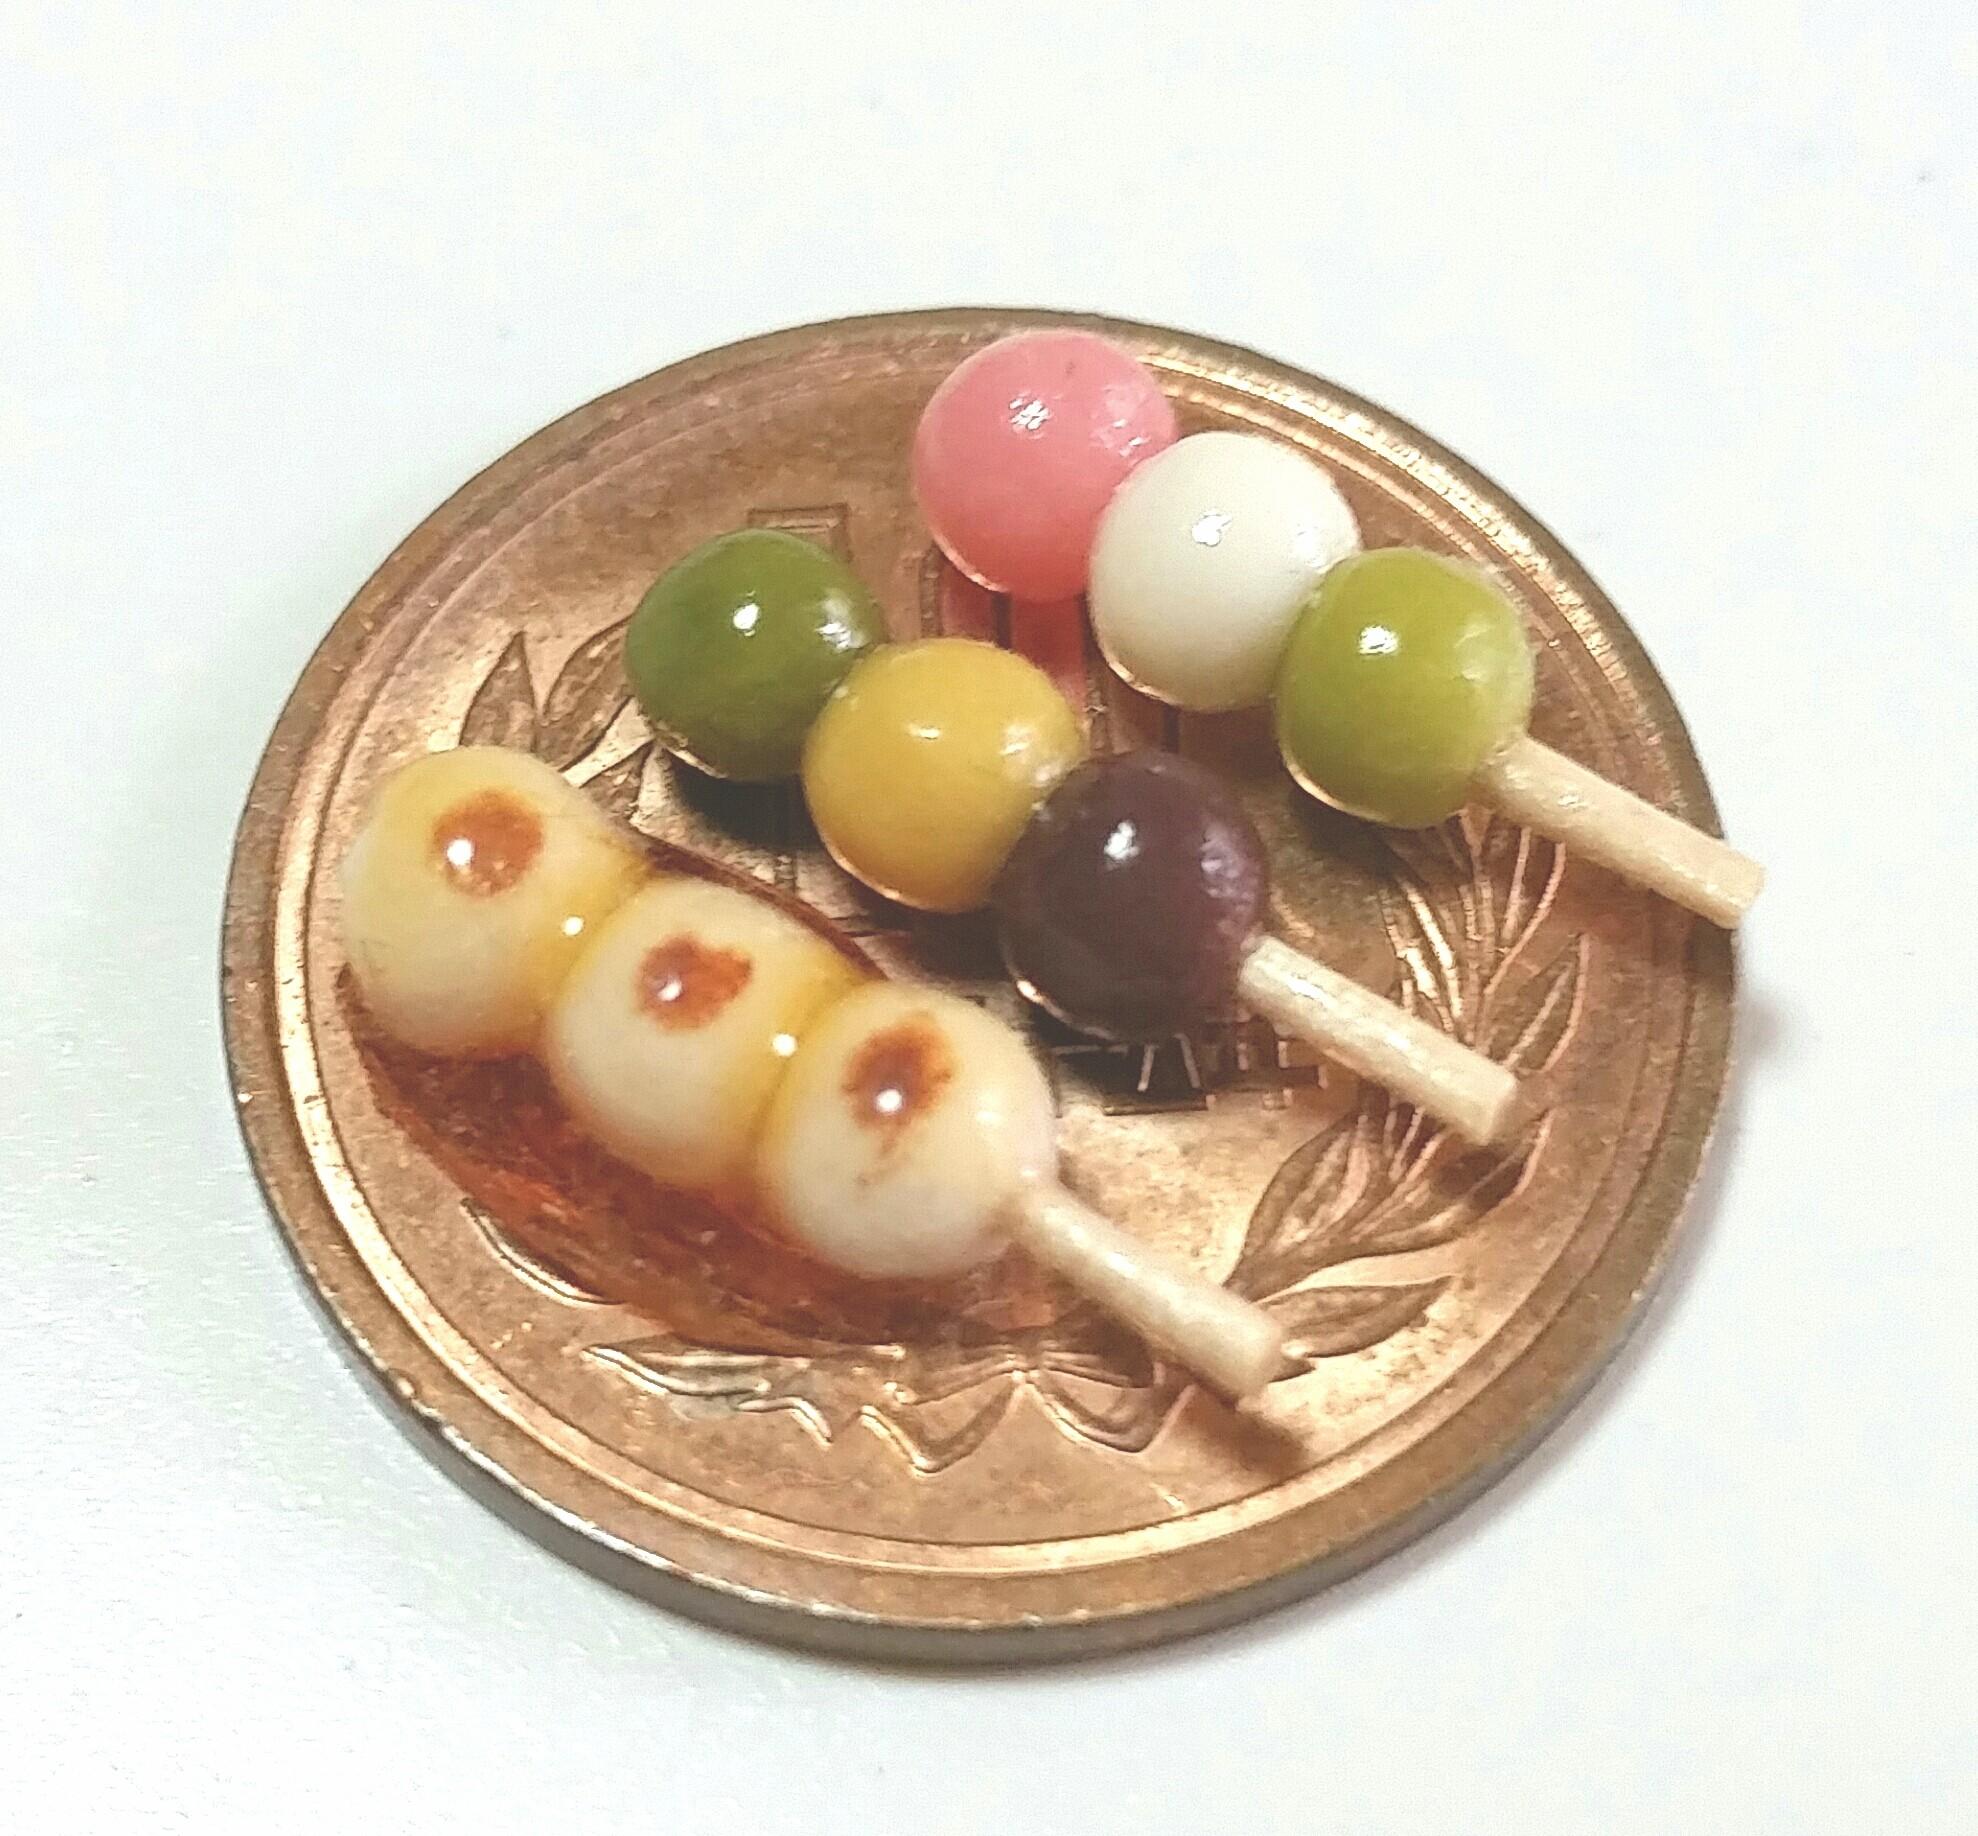 ミニチュアフード,みたらし,三色,坊っちゃん団子,和菓子,樹脂粘土